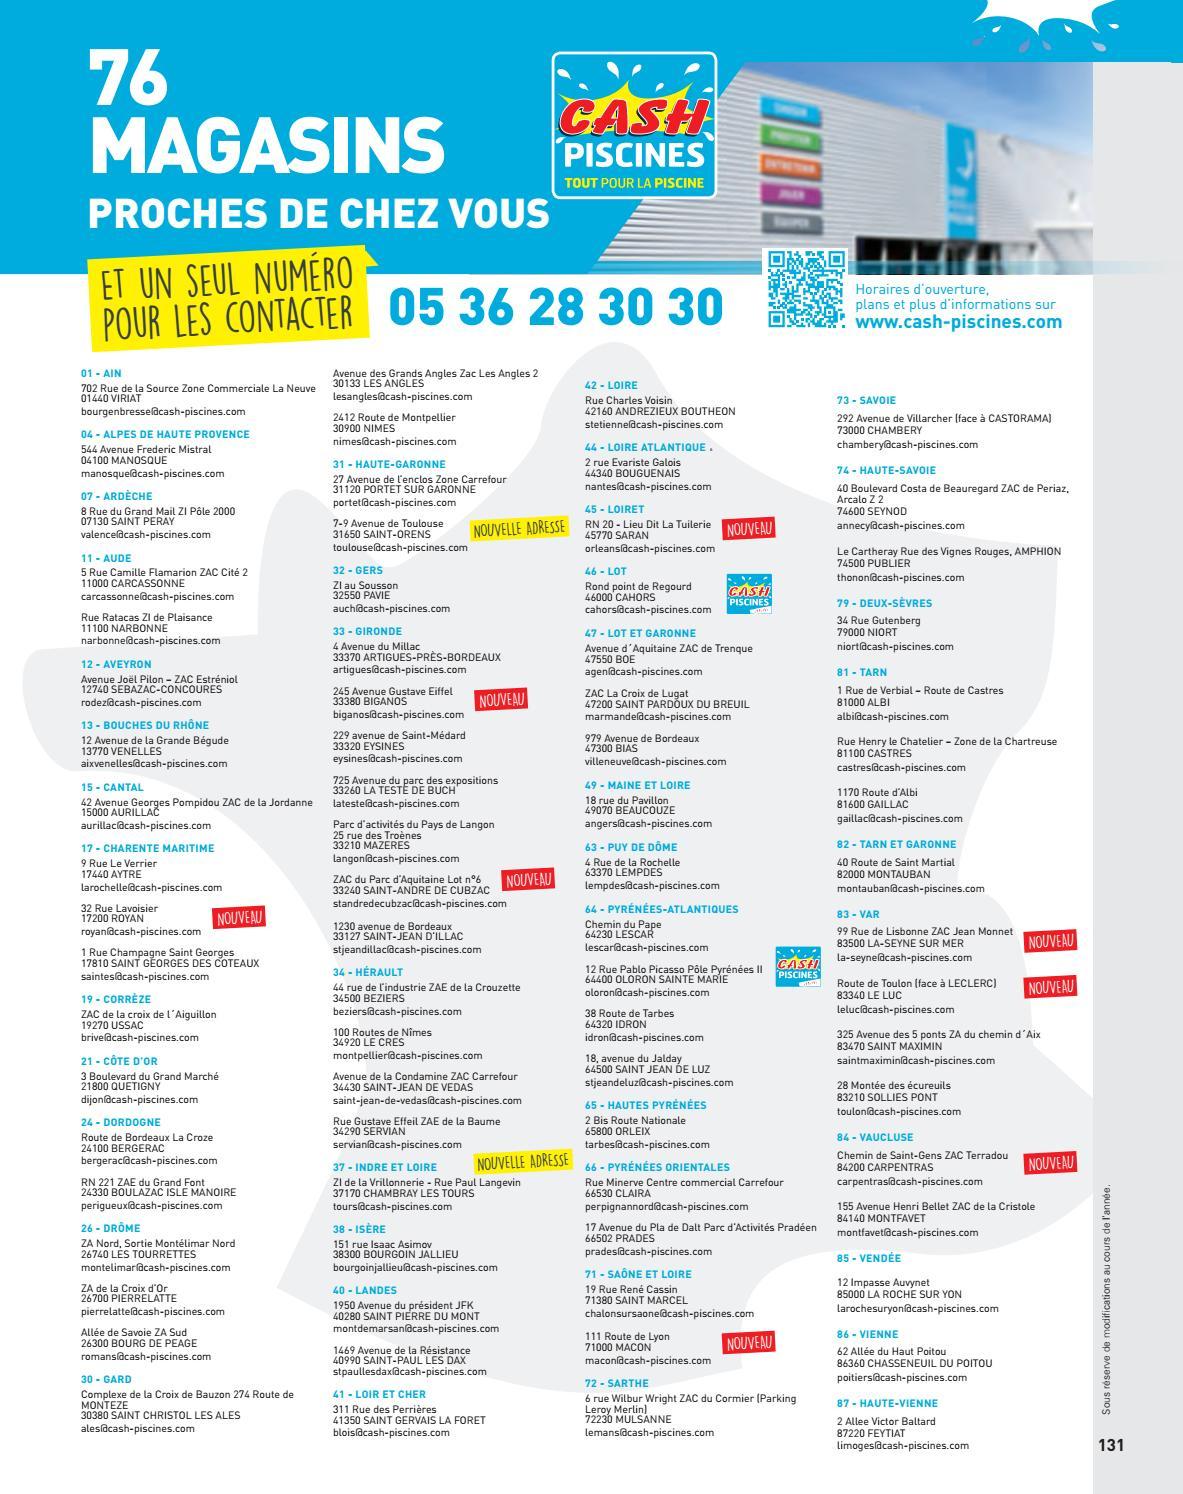 Catalogue Cash Piscine 2018 By Octave Octave - Issuu tout Cash Piscine Toulon